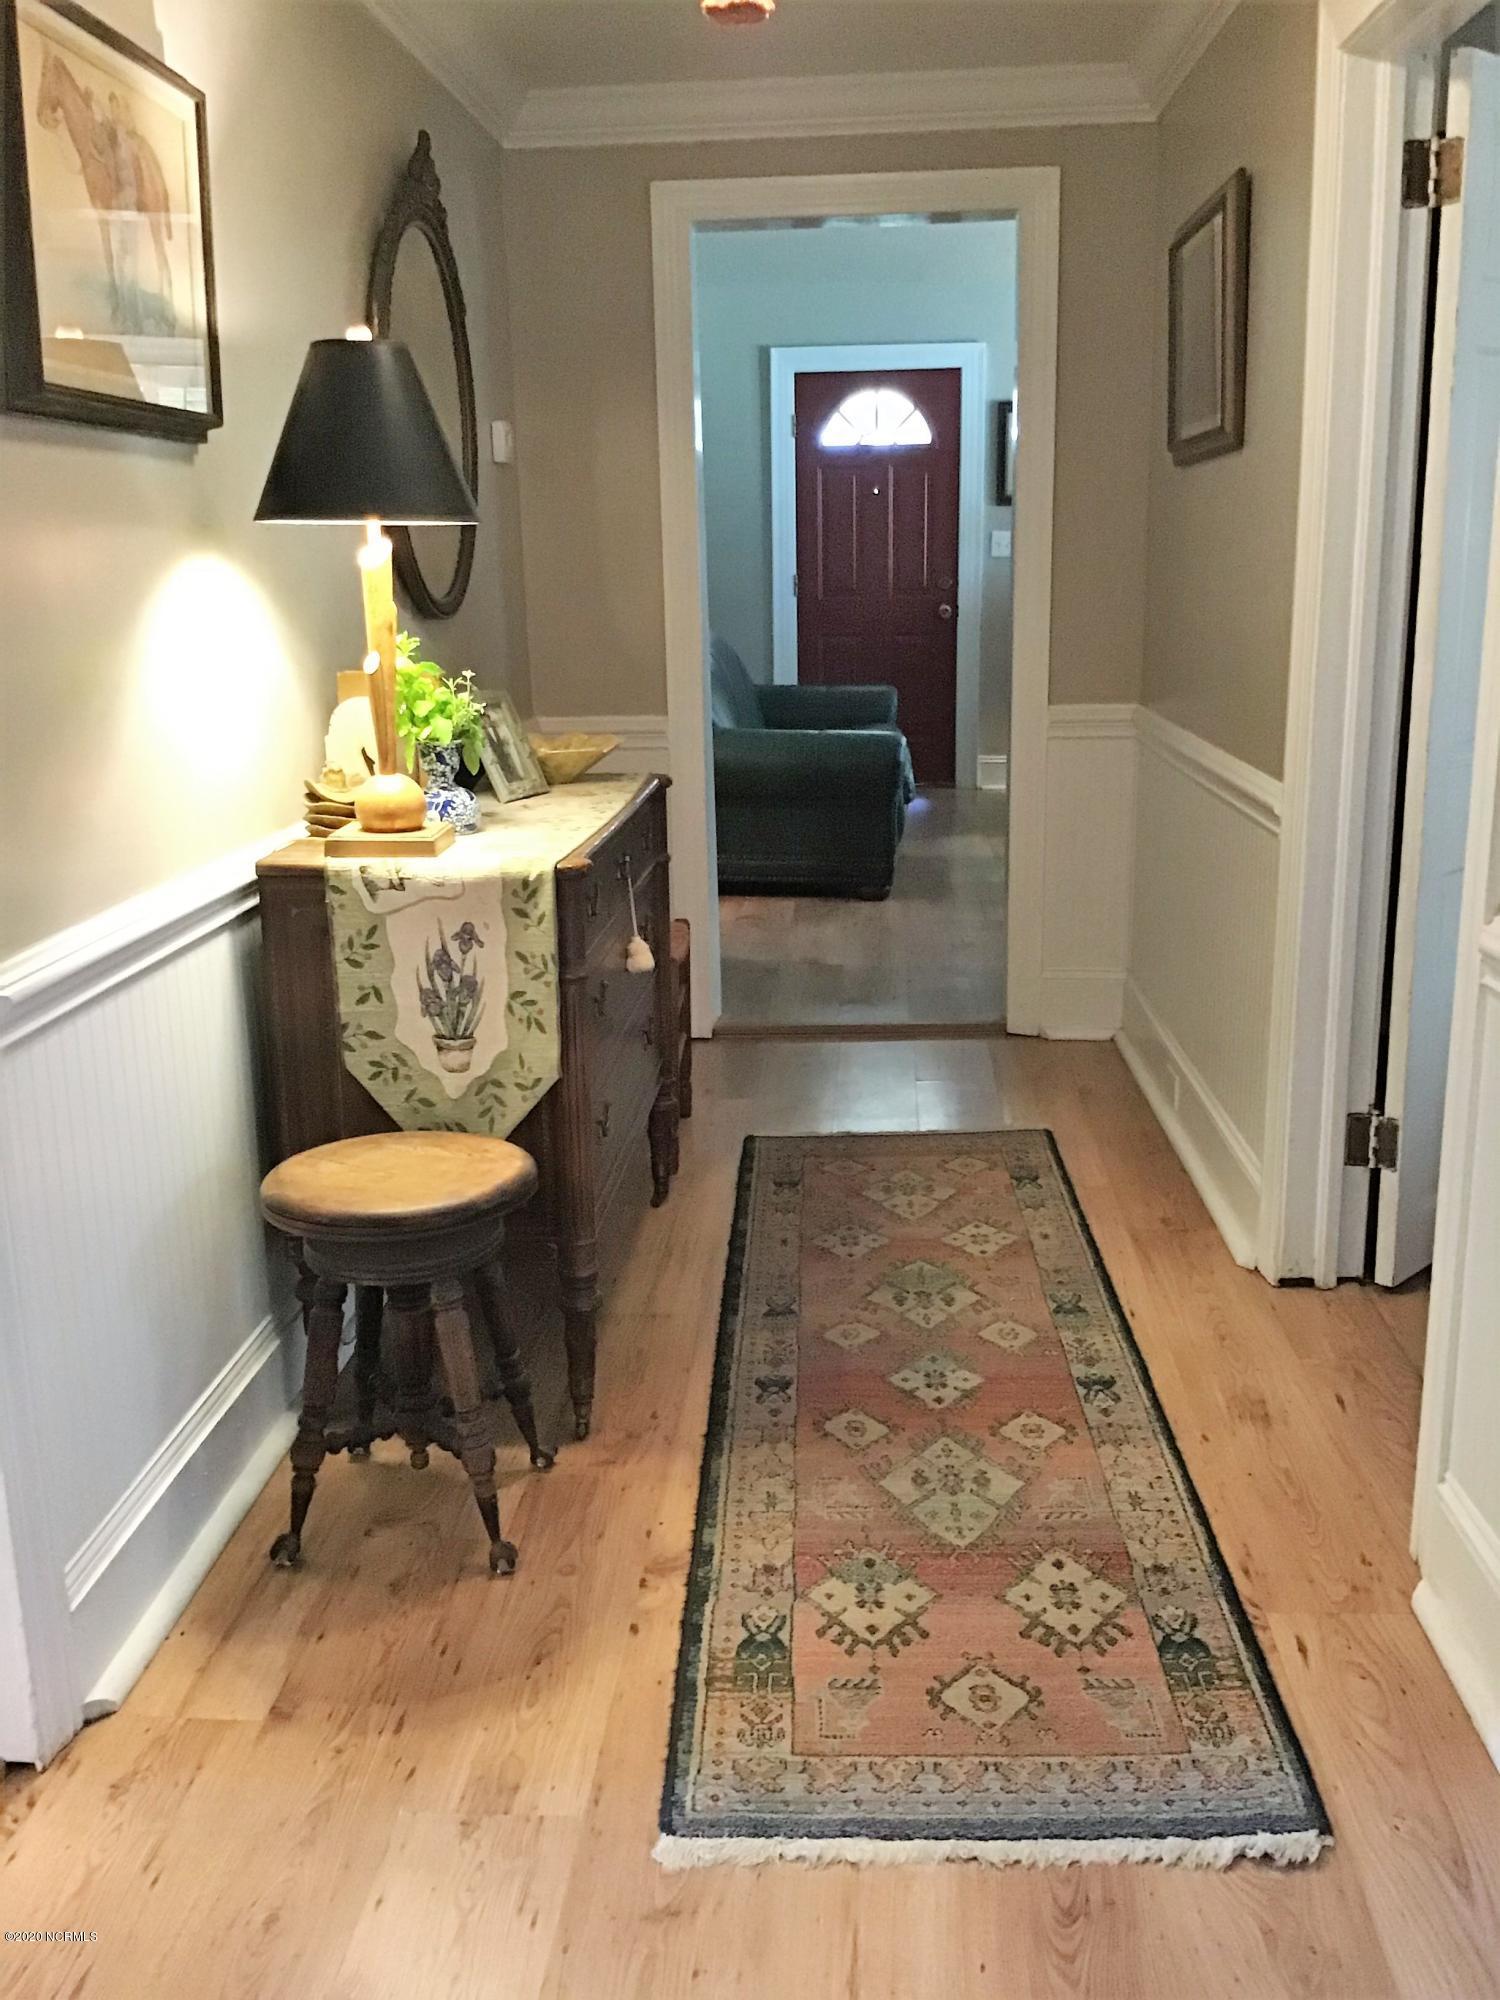 4528 Ayden Golf Club Road, Ayden, North Carolina 28513, 2 Bedrooms Bedrooms, 6 Rooms Rooms,2 BathroomsBathrooms,Single family residence,For sale,Ayden Golf Club,100227651